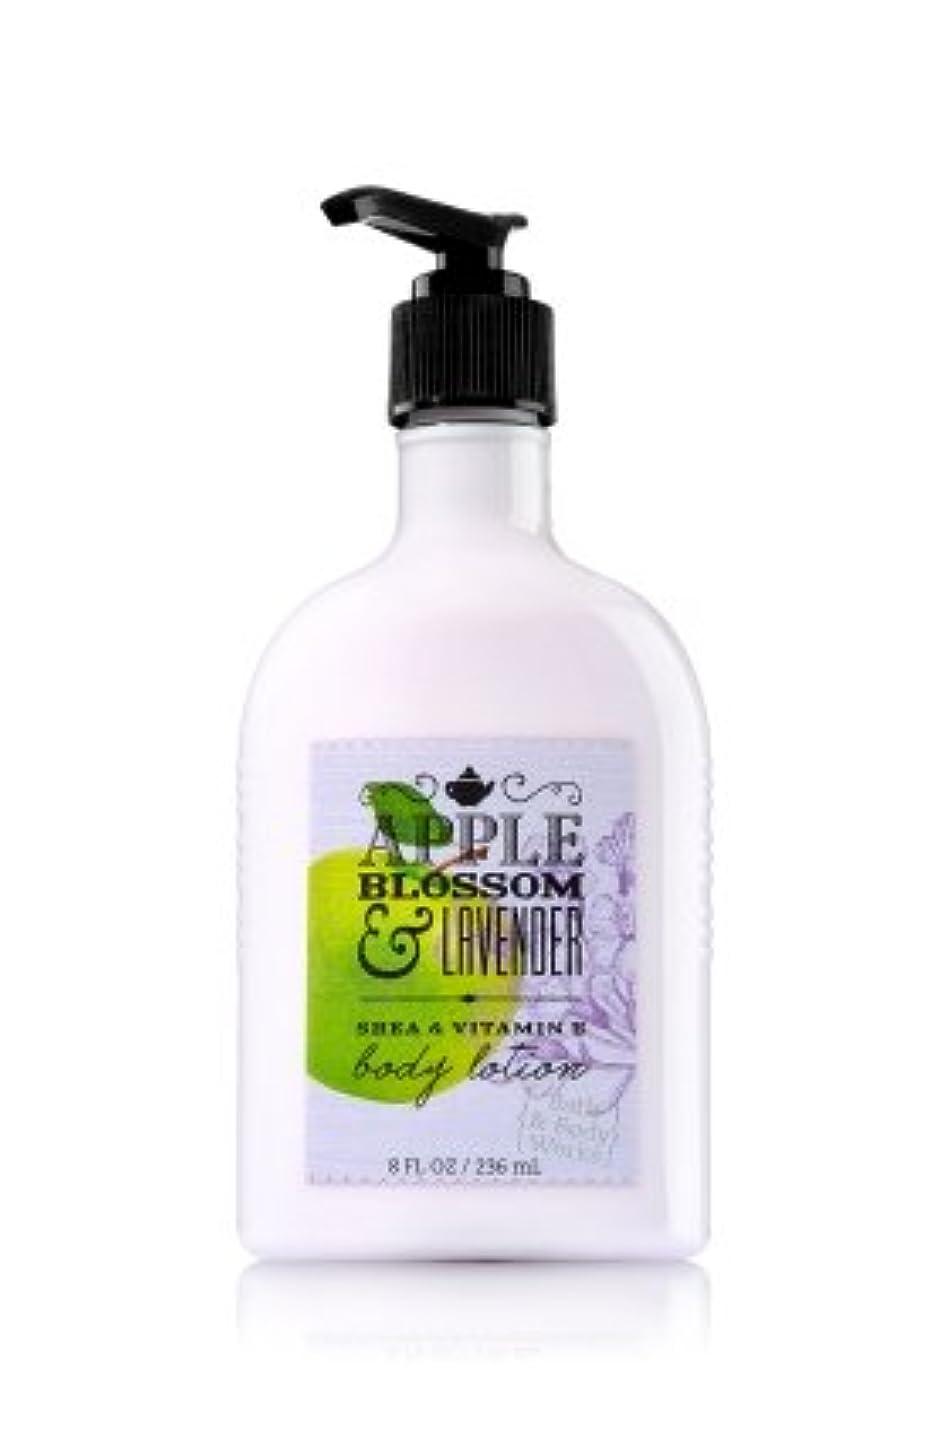 袋バイソンリッチ【Bath&Body Works/バス&ボディワークス】 ボディローション アップルブロッサム&ラベンダー Body Lotion Apple Blossom & Lavender 8 fl oz / 236 mL [並行輸入品]